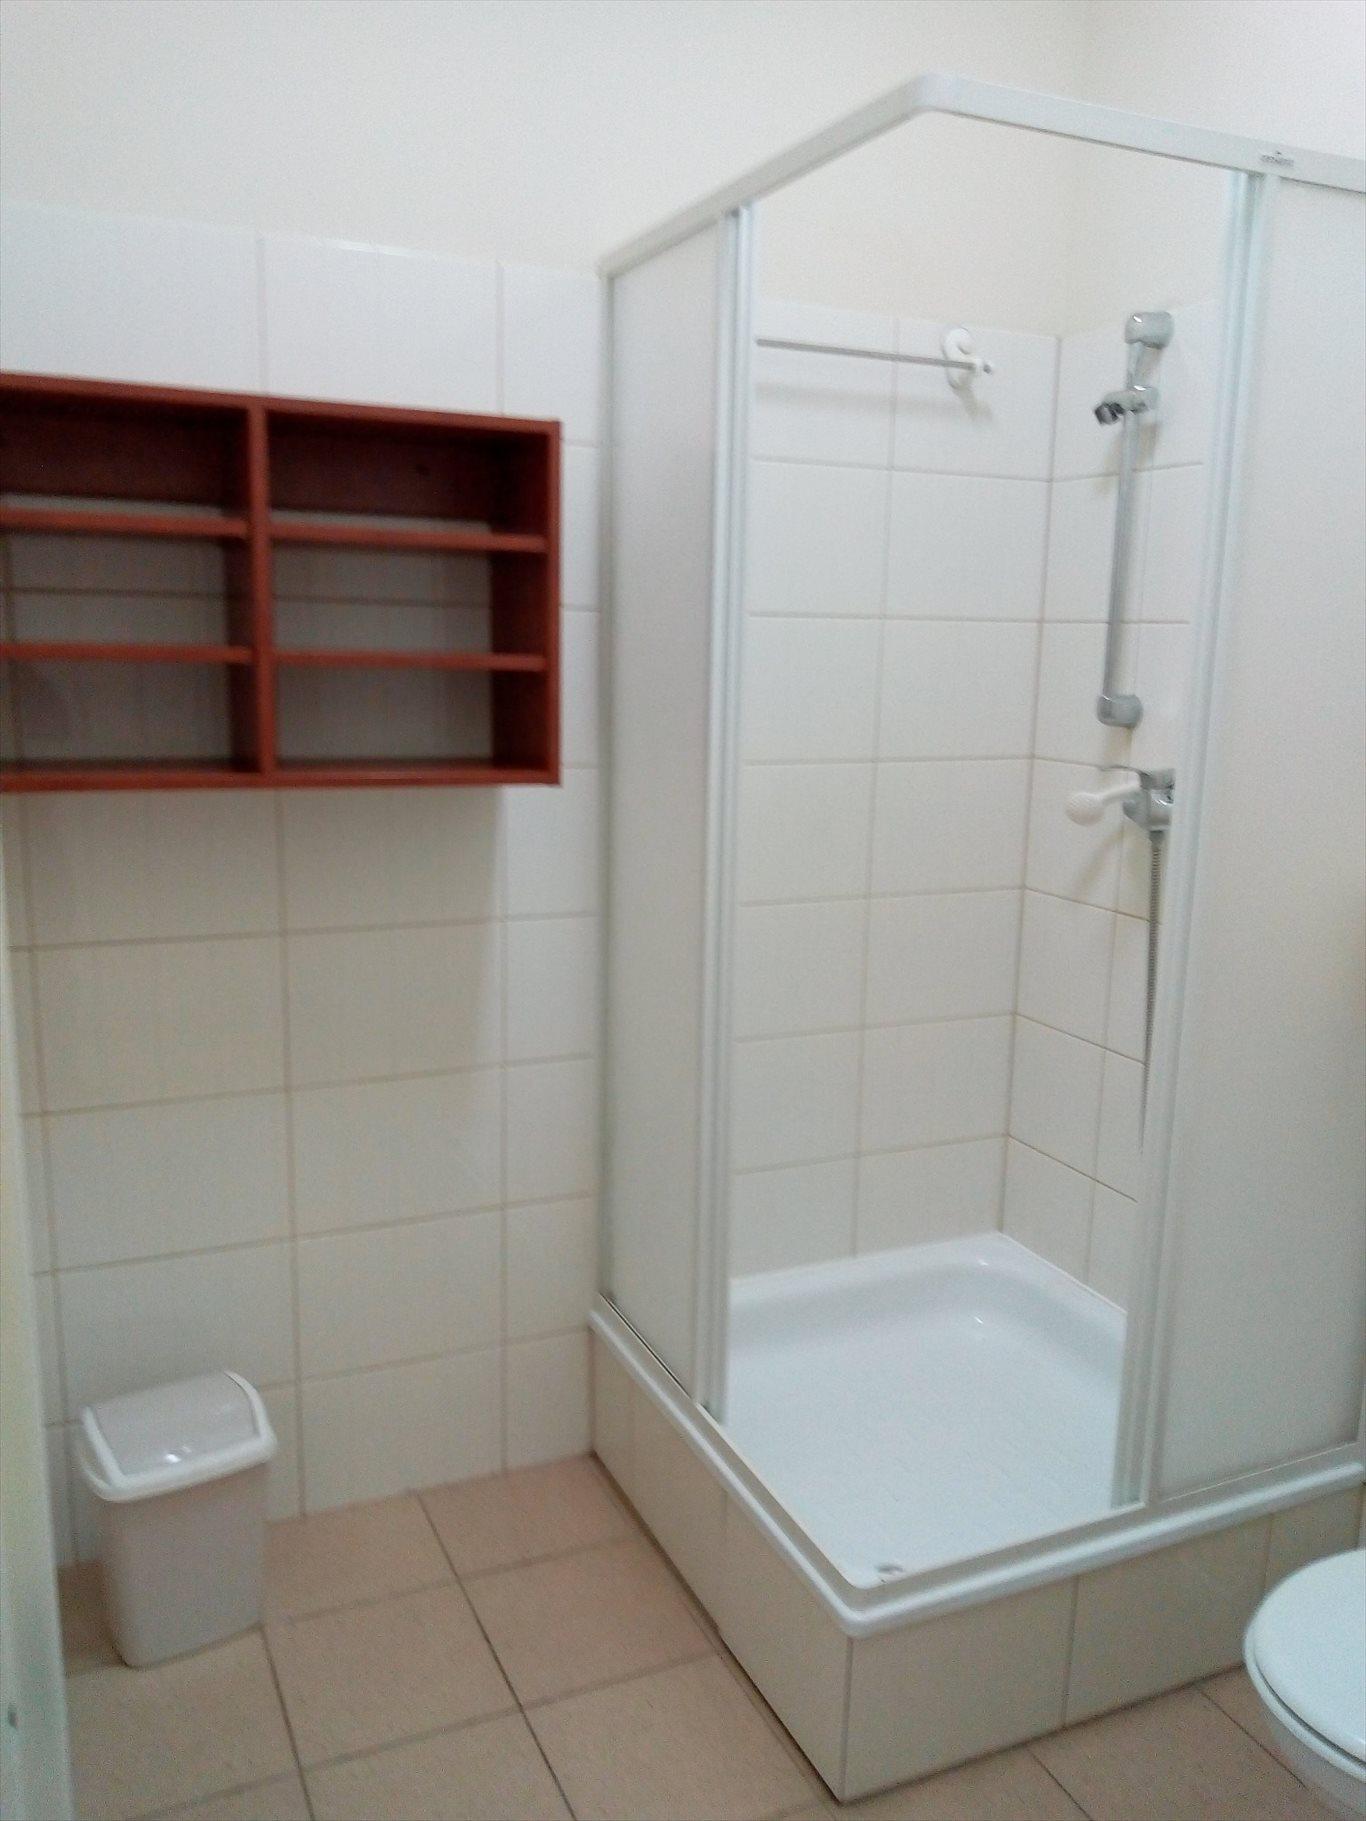 Lokal użytkowy na sprzedaż Prószków  64m2 Foto 10